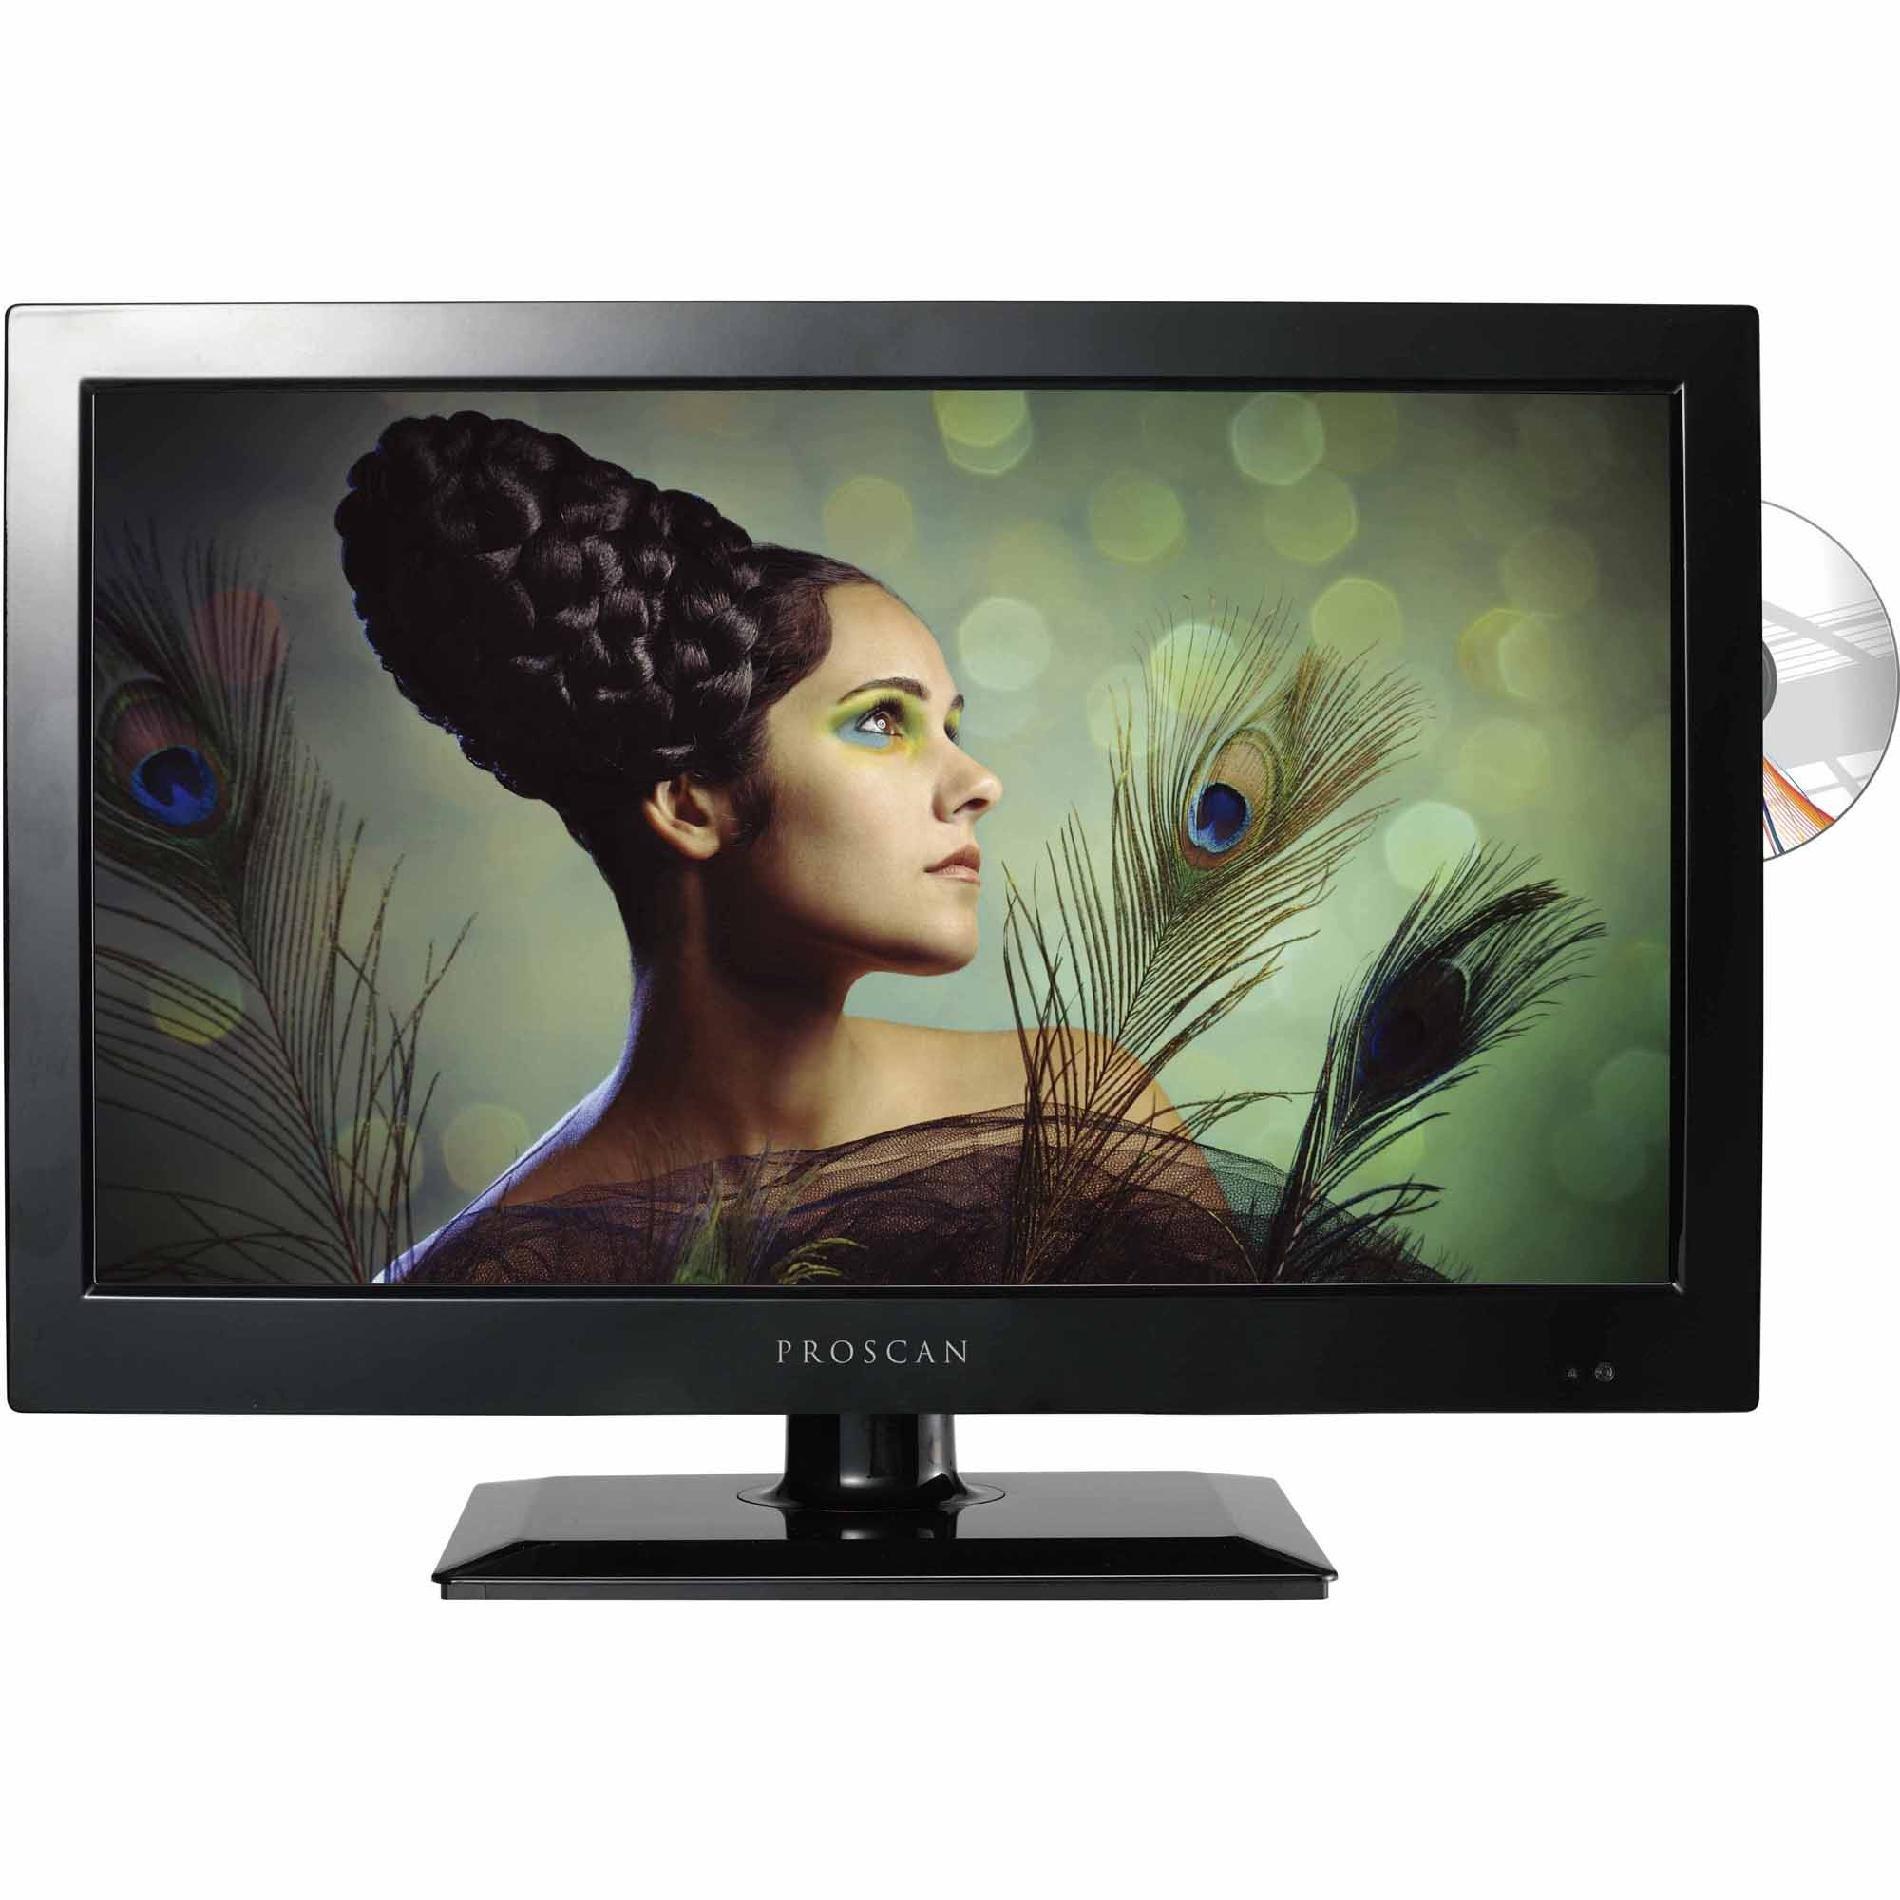 Proscan 32'' LED 720P HDTV-DVD Combo PLDV321300 (Black) by Curtis